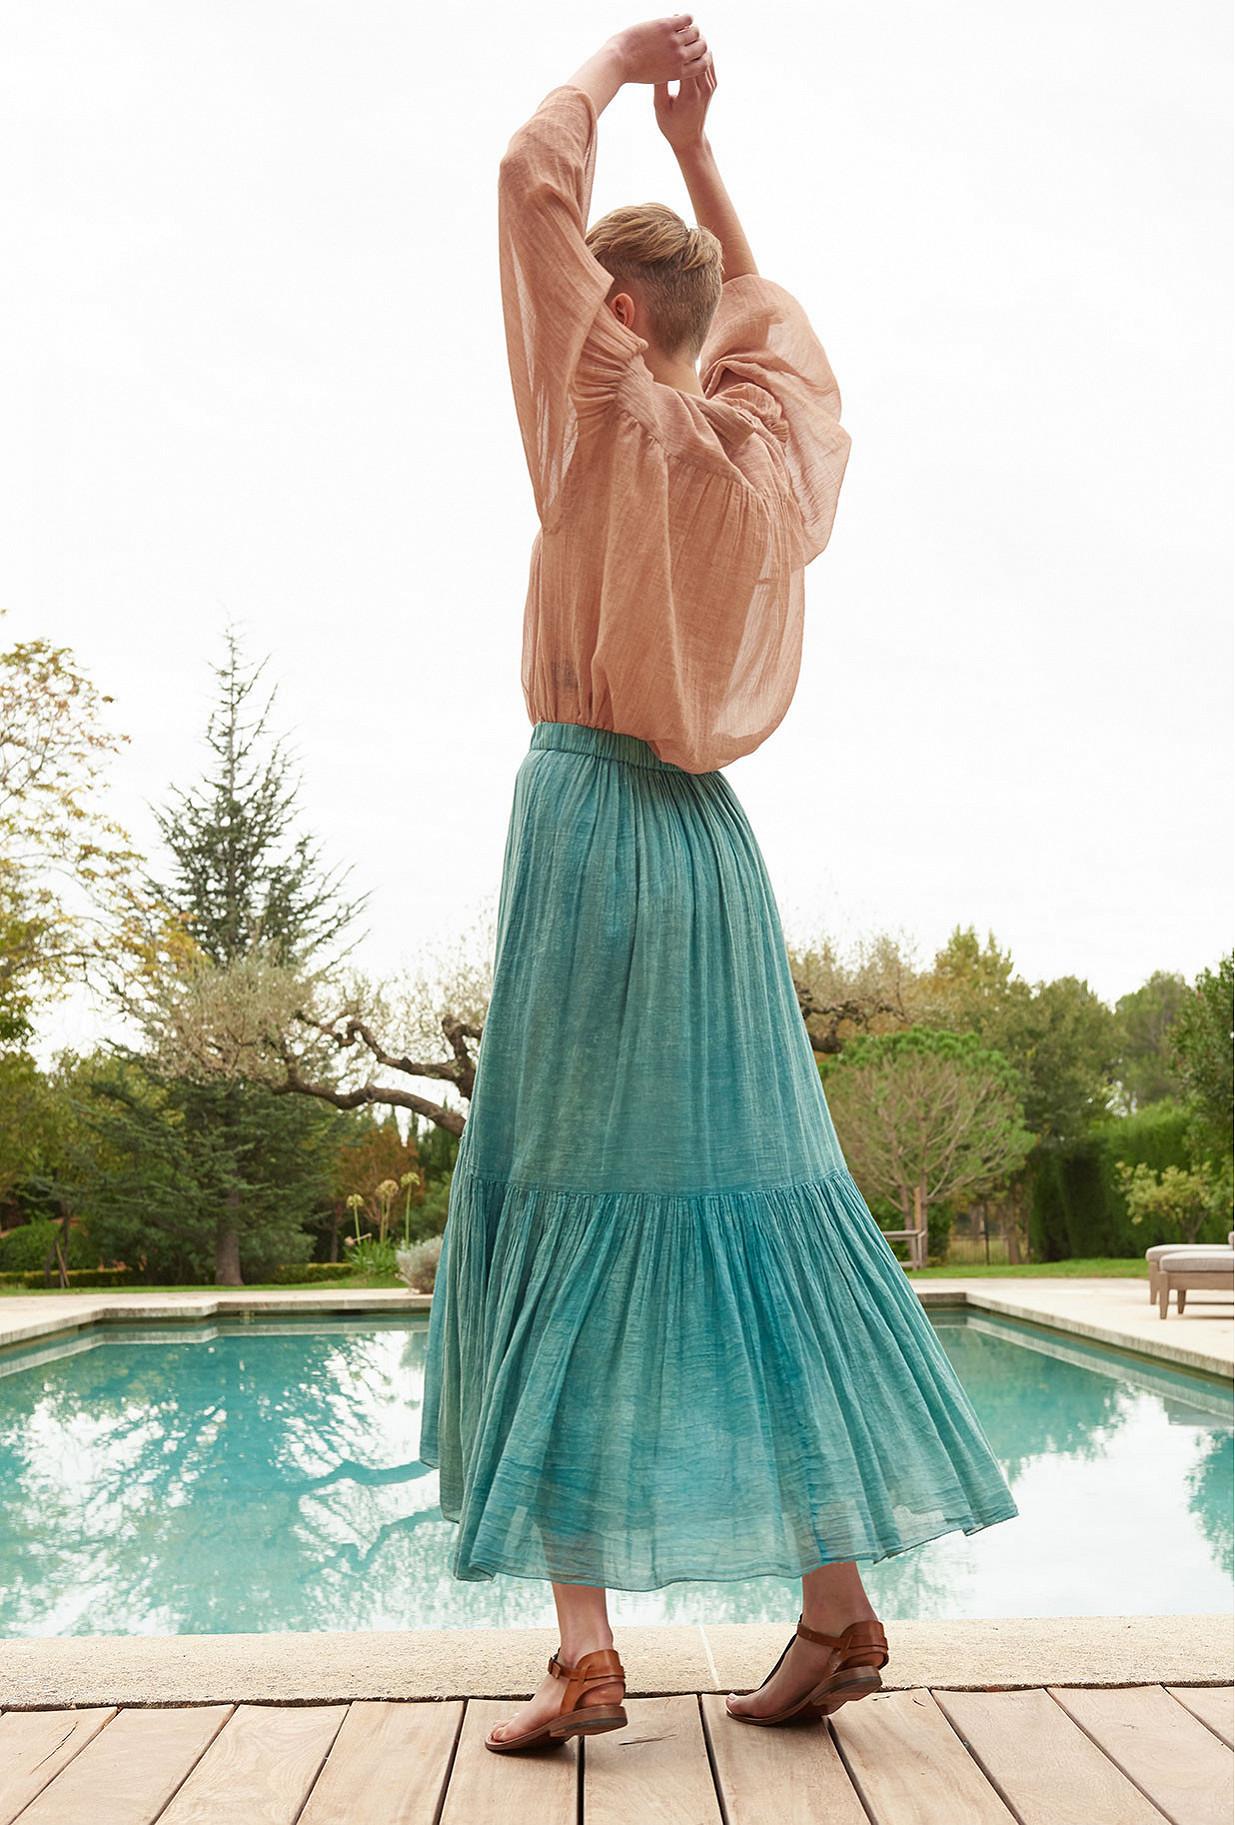 Jupe Bleu  Palette mes demoiselles paris vêtement femme paris